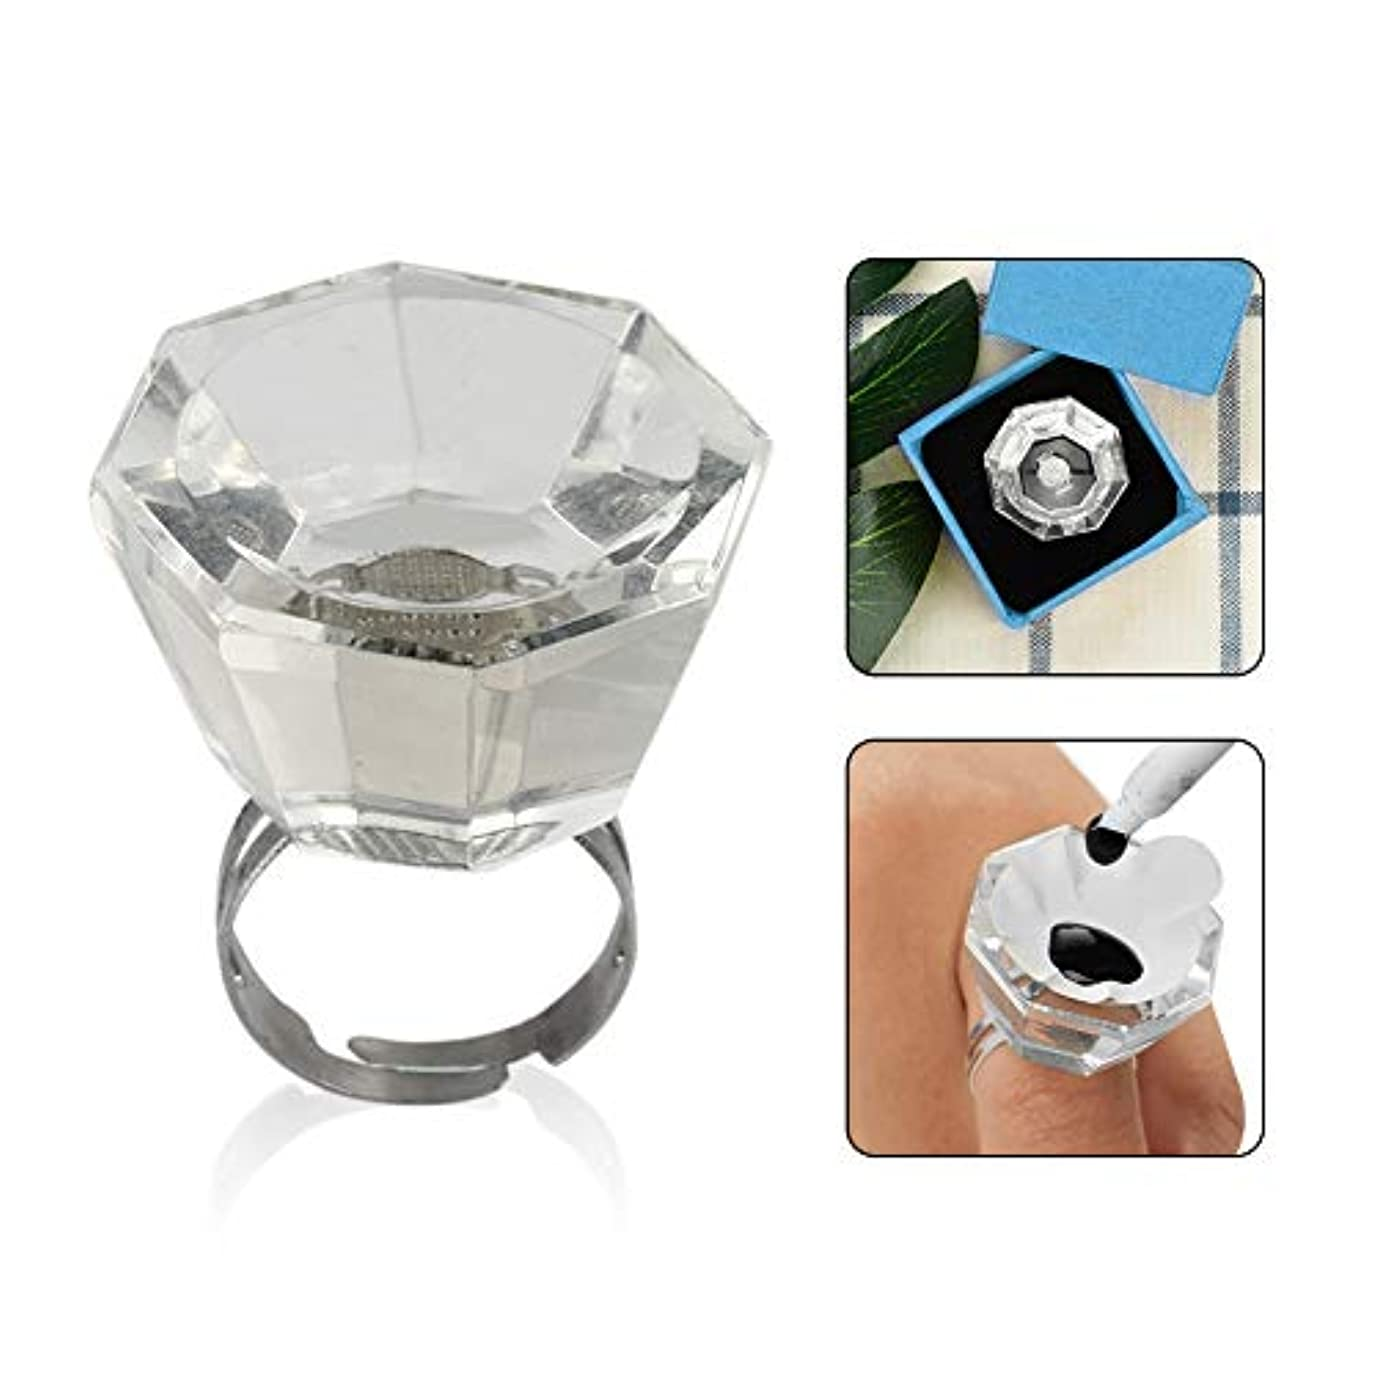 周辺以降反乱Murakush 顔料カップ 指輪 移植まつげ ガラス リングカップ 調整可能